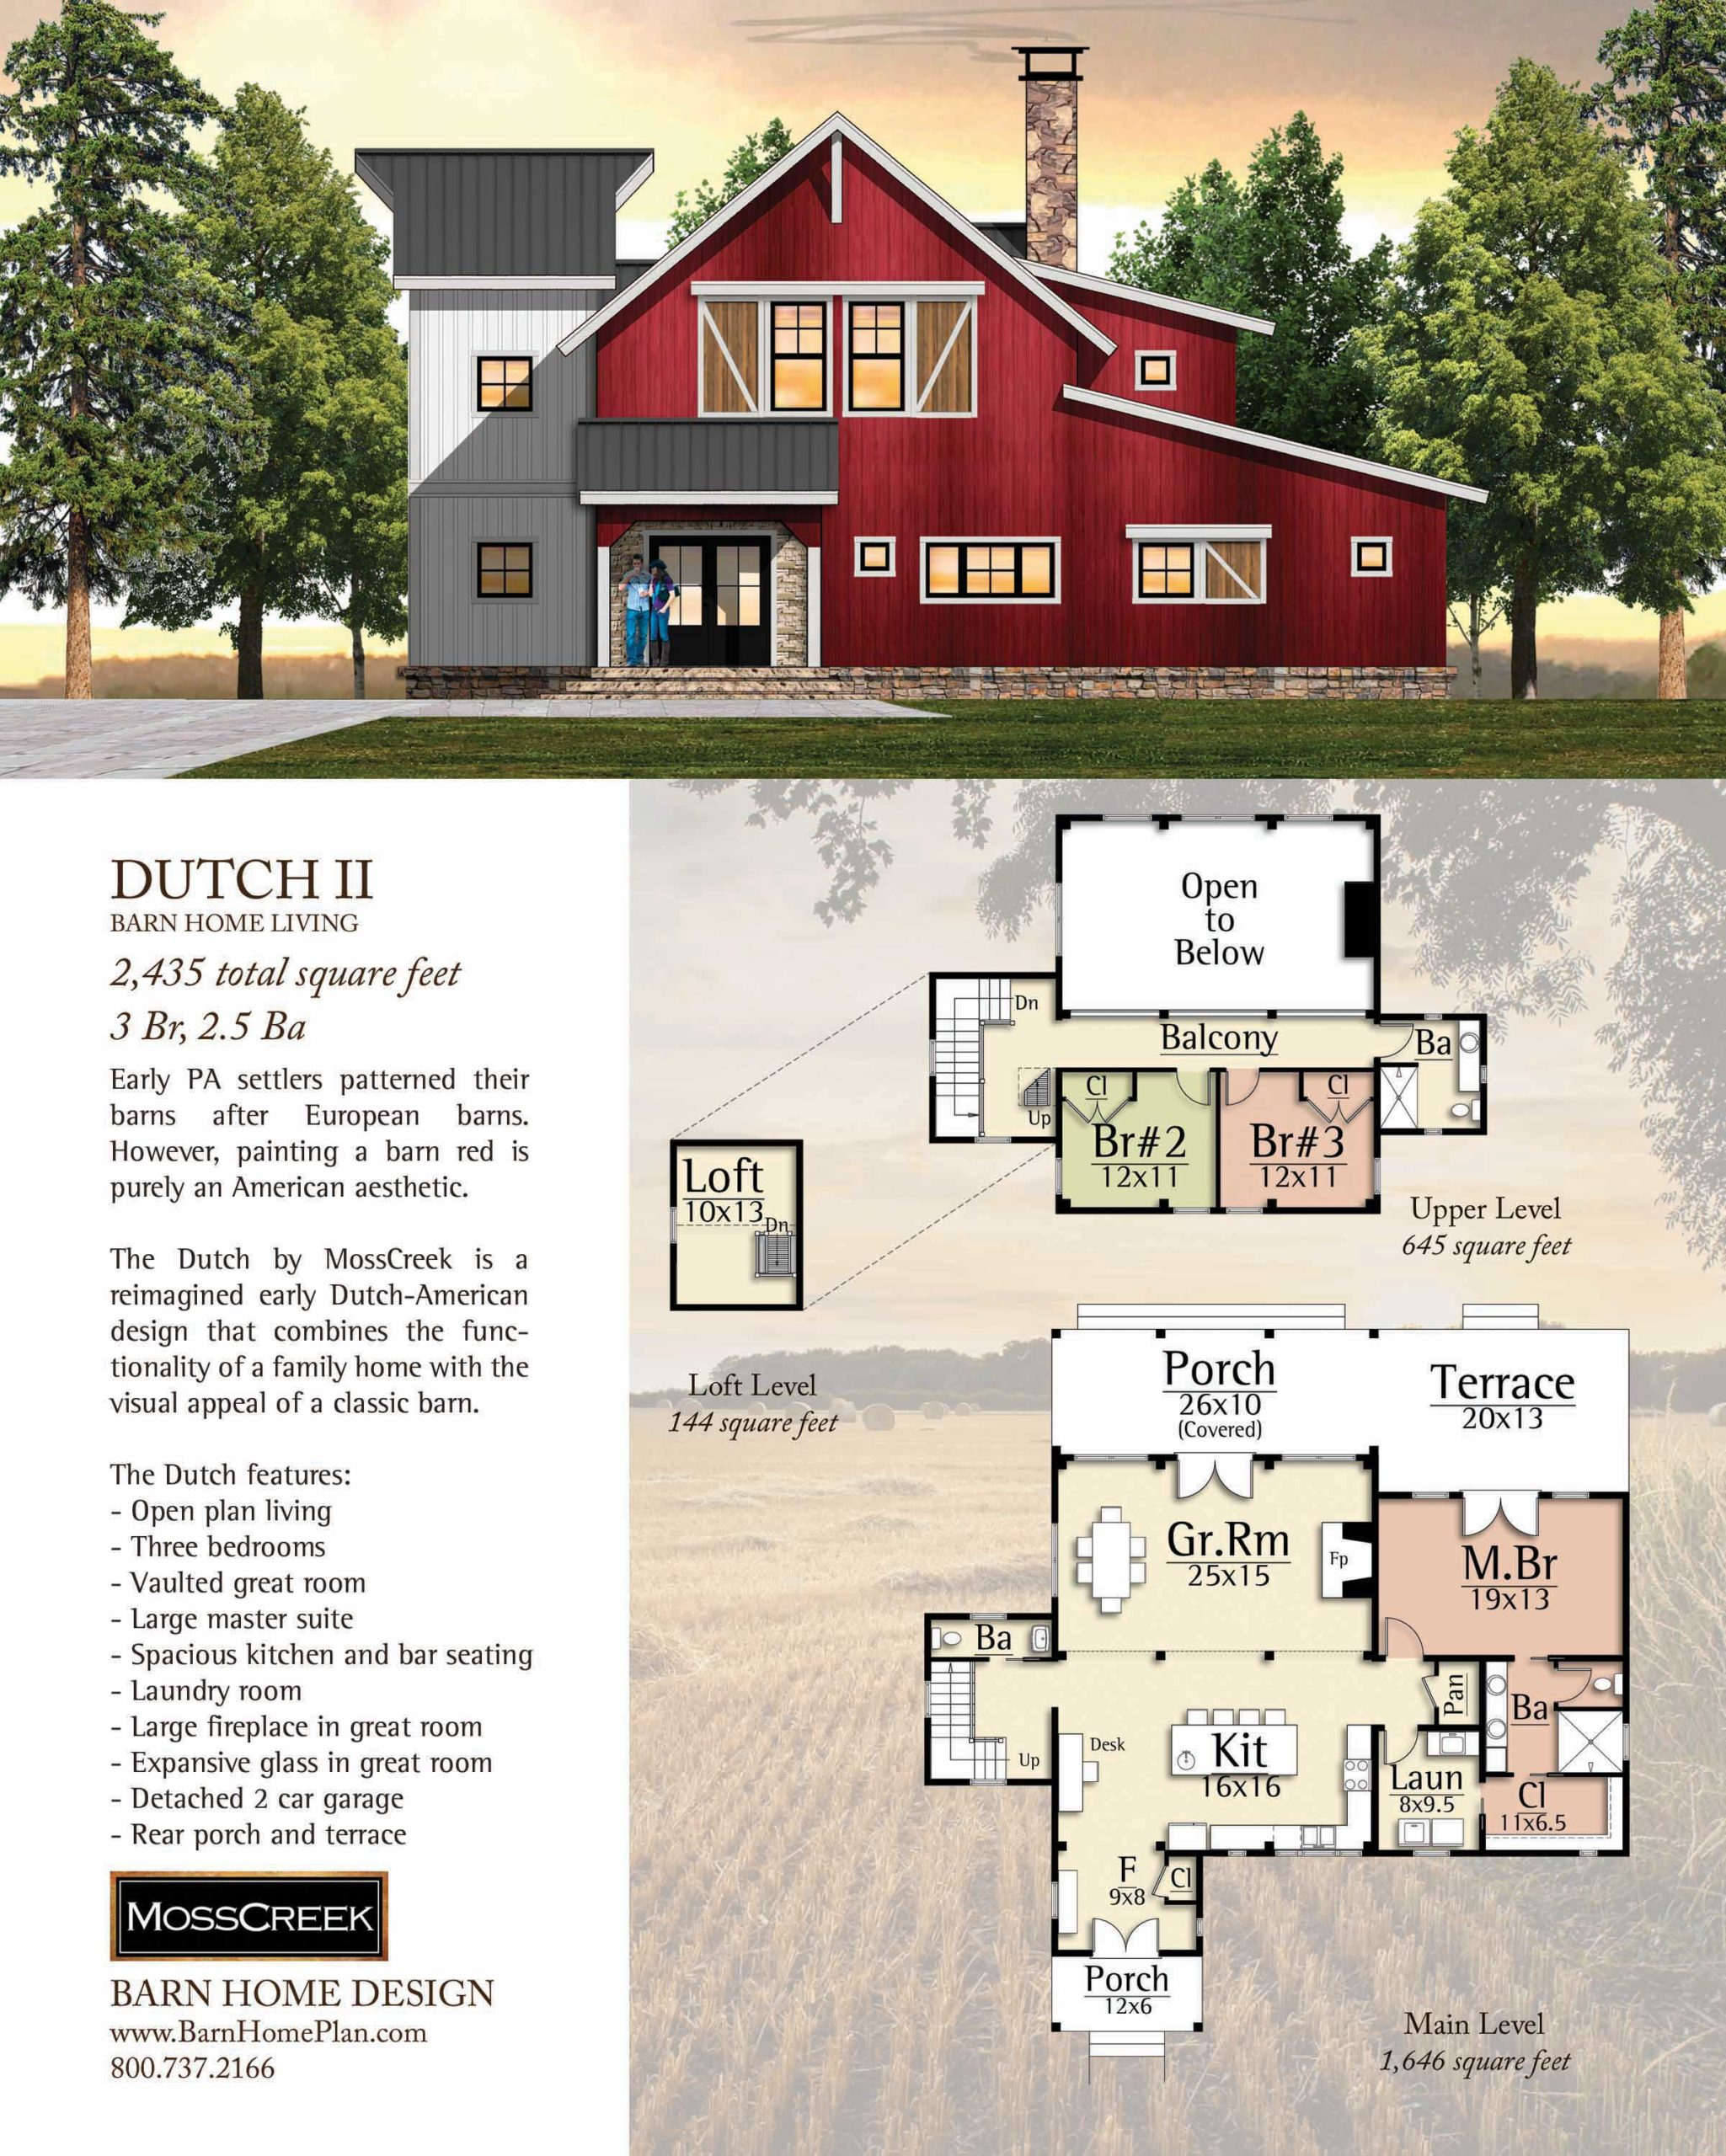 Mosscreek Dutch II Floorplan